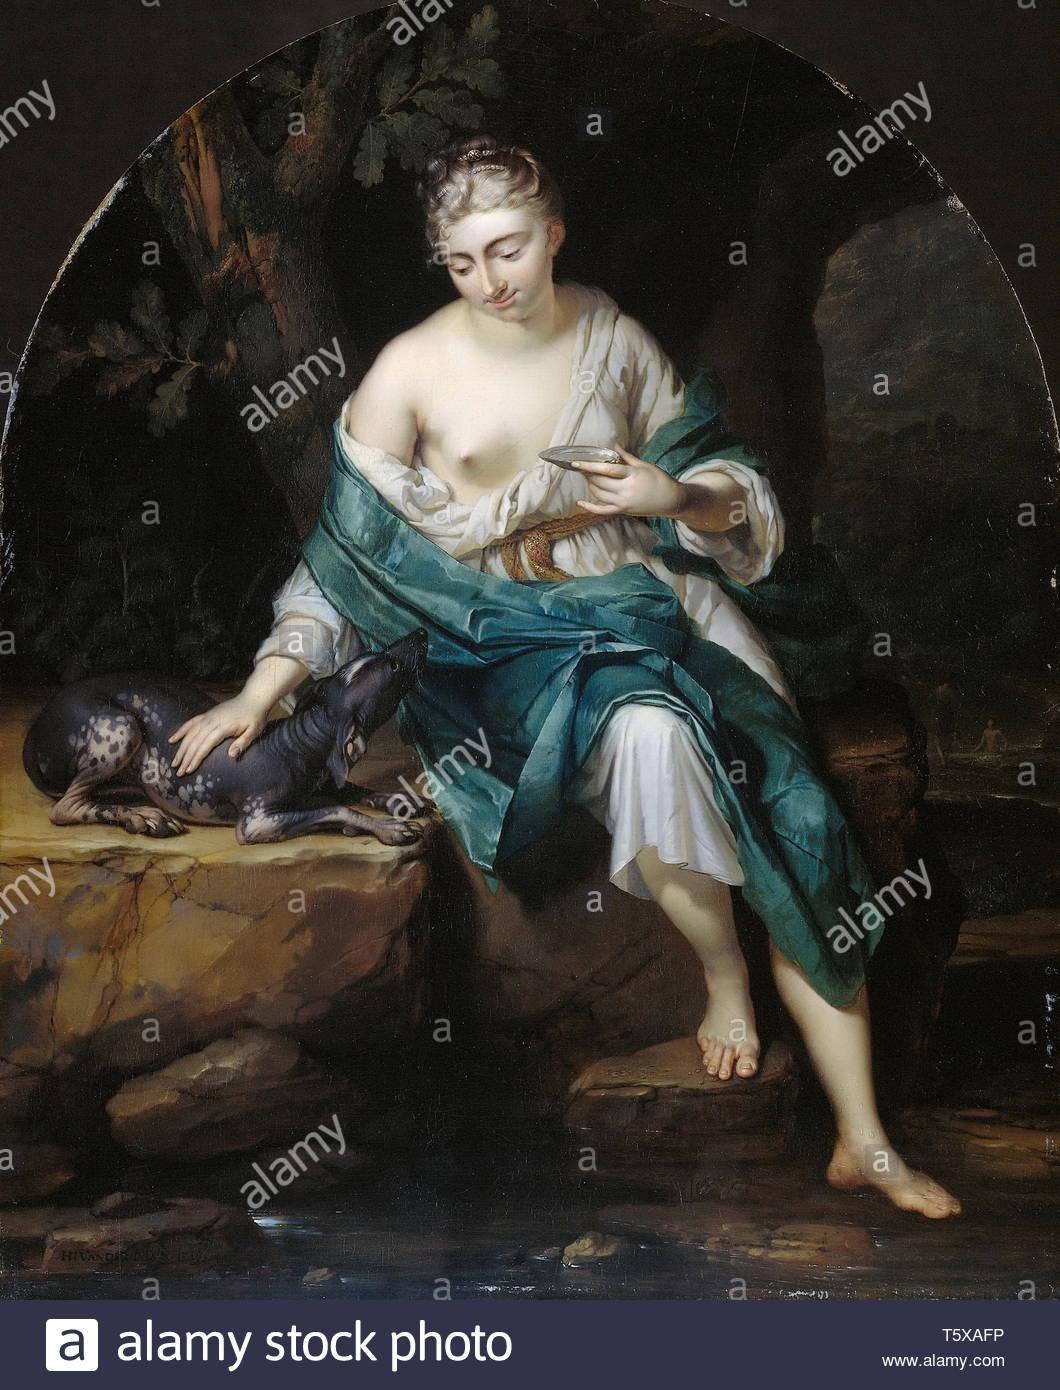 Mijn, Herman van der-Een allegorische vrouwenfiguur met een hond, 1719 - Stock Image